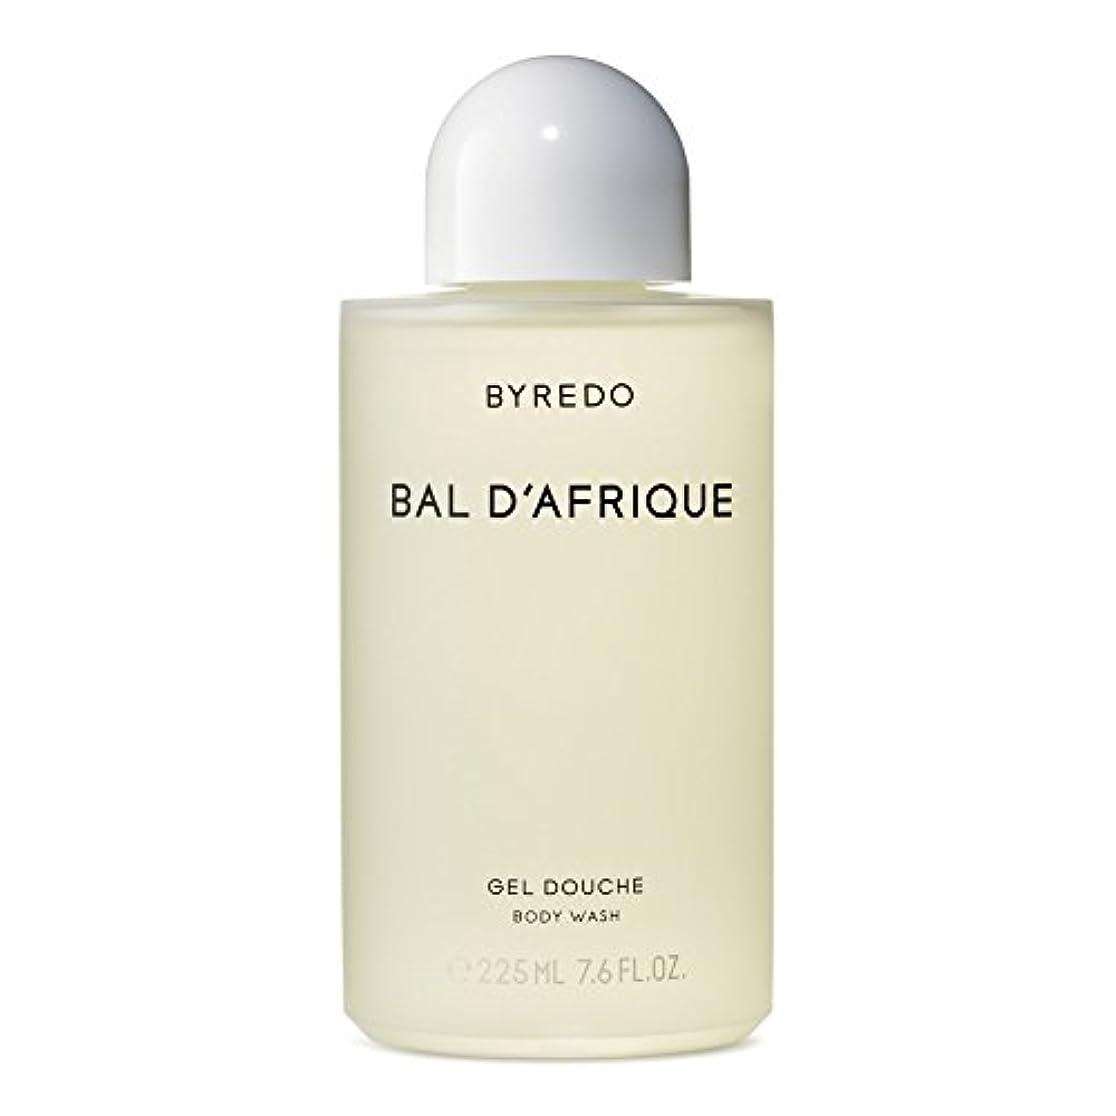 巻き取り安全苦難のボディウォッシュ225ミリリットル x4 - Byredo Bal d'Afrique Body Wash 225ml (Pack of 4) [並行輸入品]